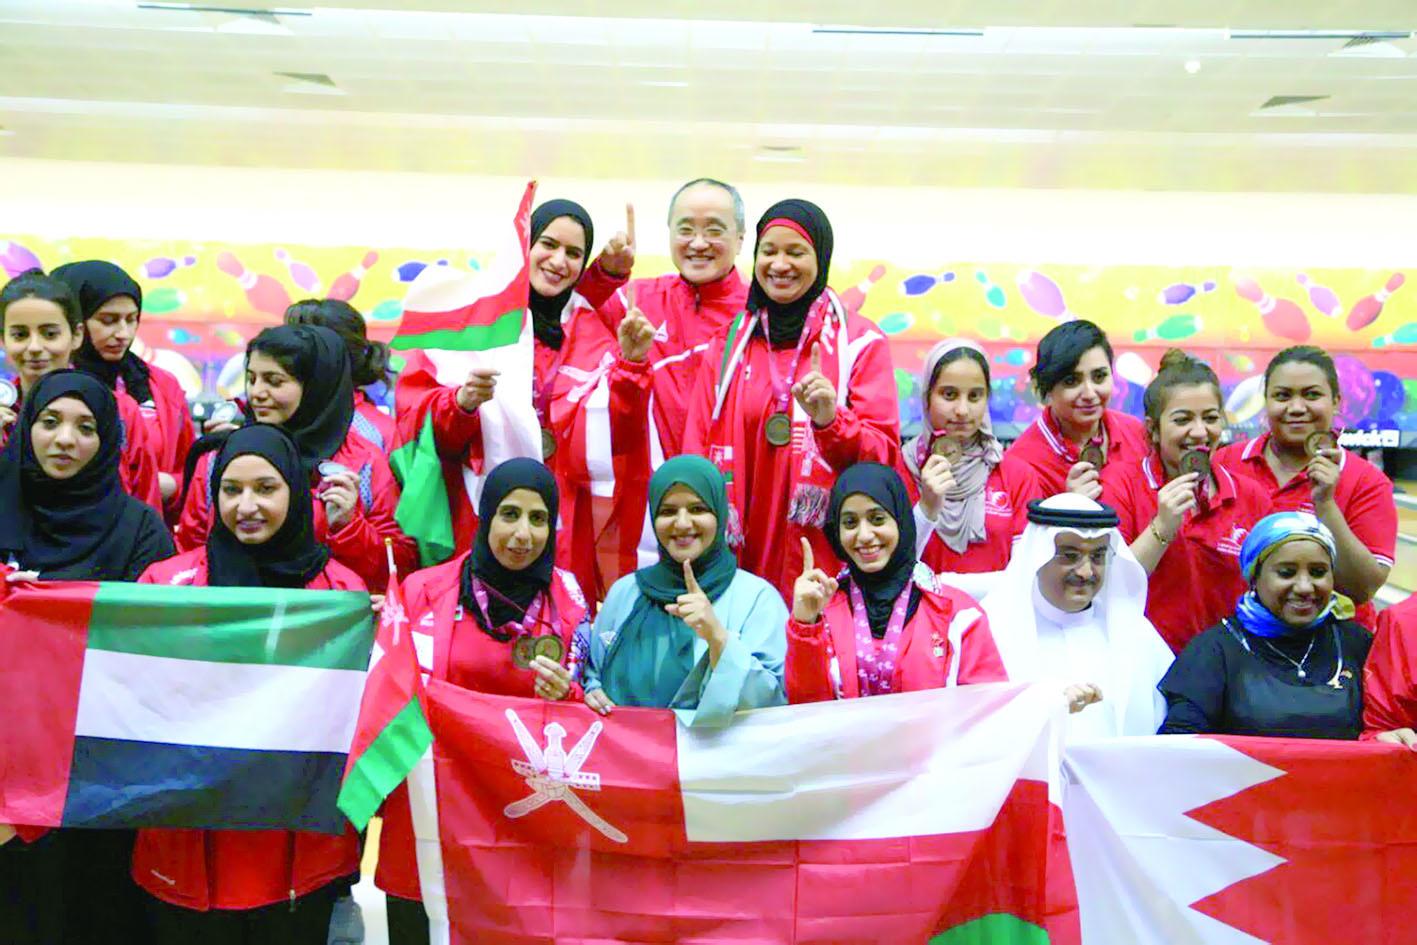 أداء مشرّف لفتيات منتخباتنا الوطنية في الدورة الخليجية32 ميدالية تؤكد أن رياضة النساء بالسلطنة تعيش مرحلة انتعاش